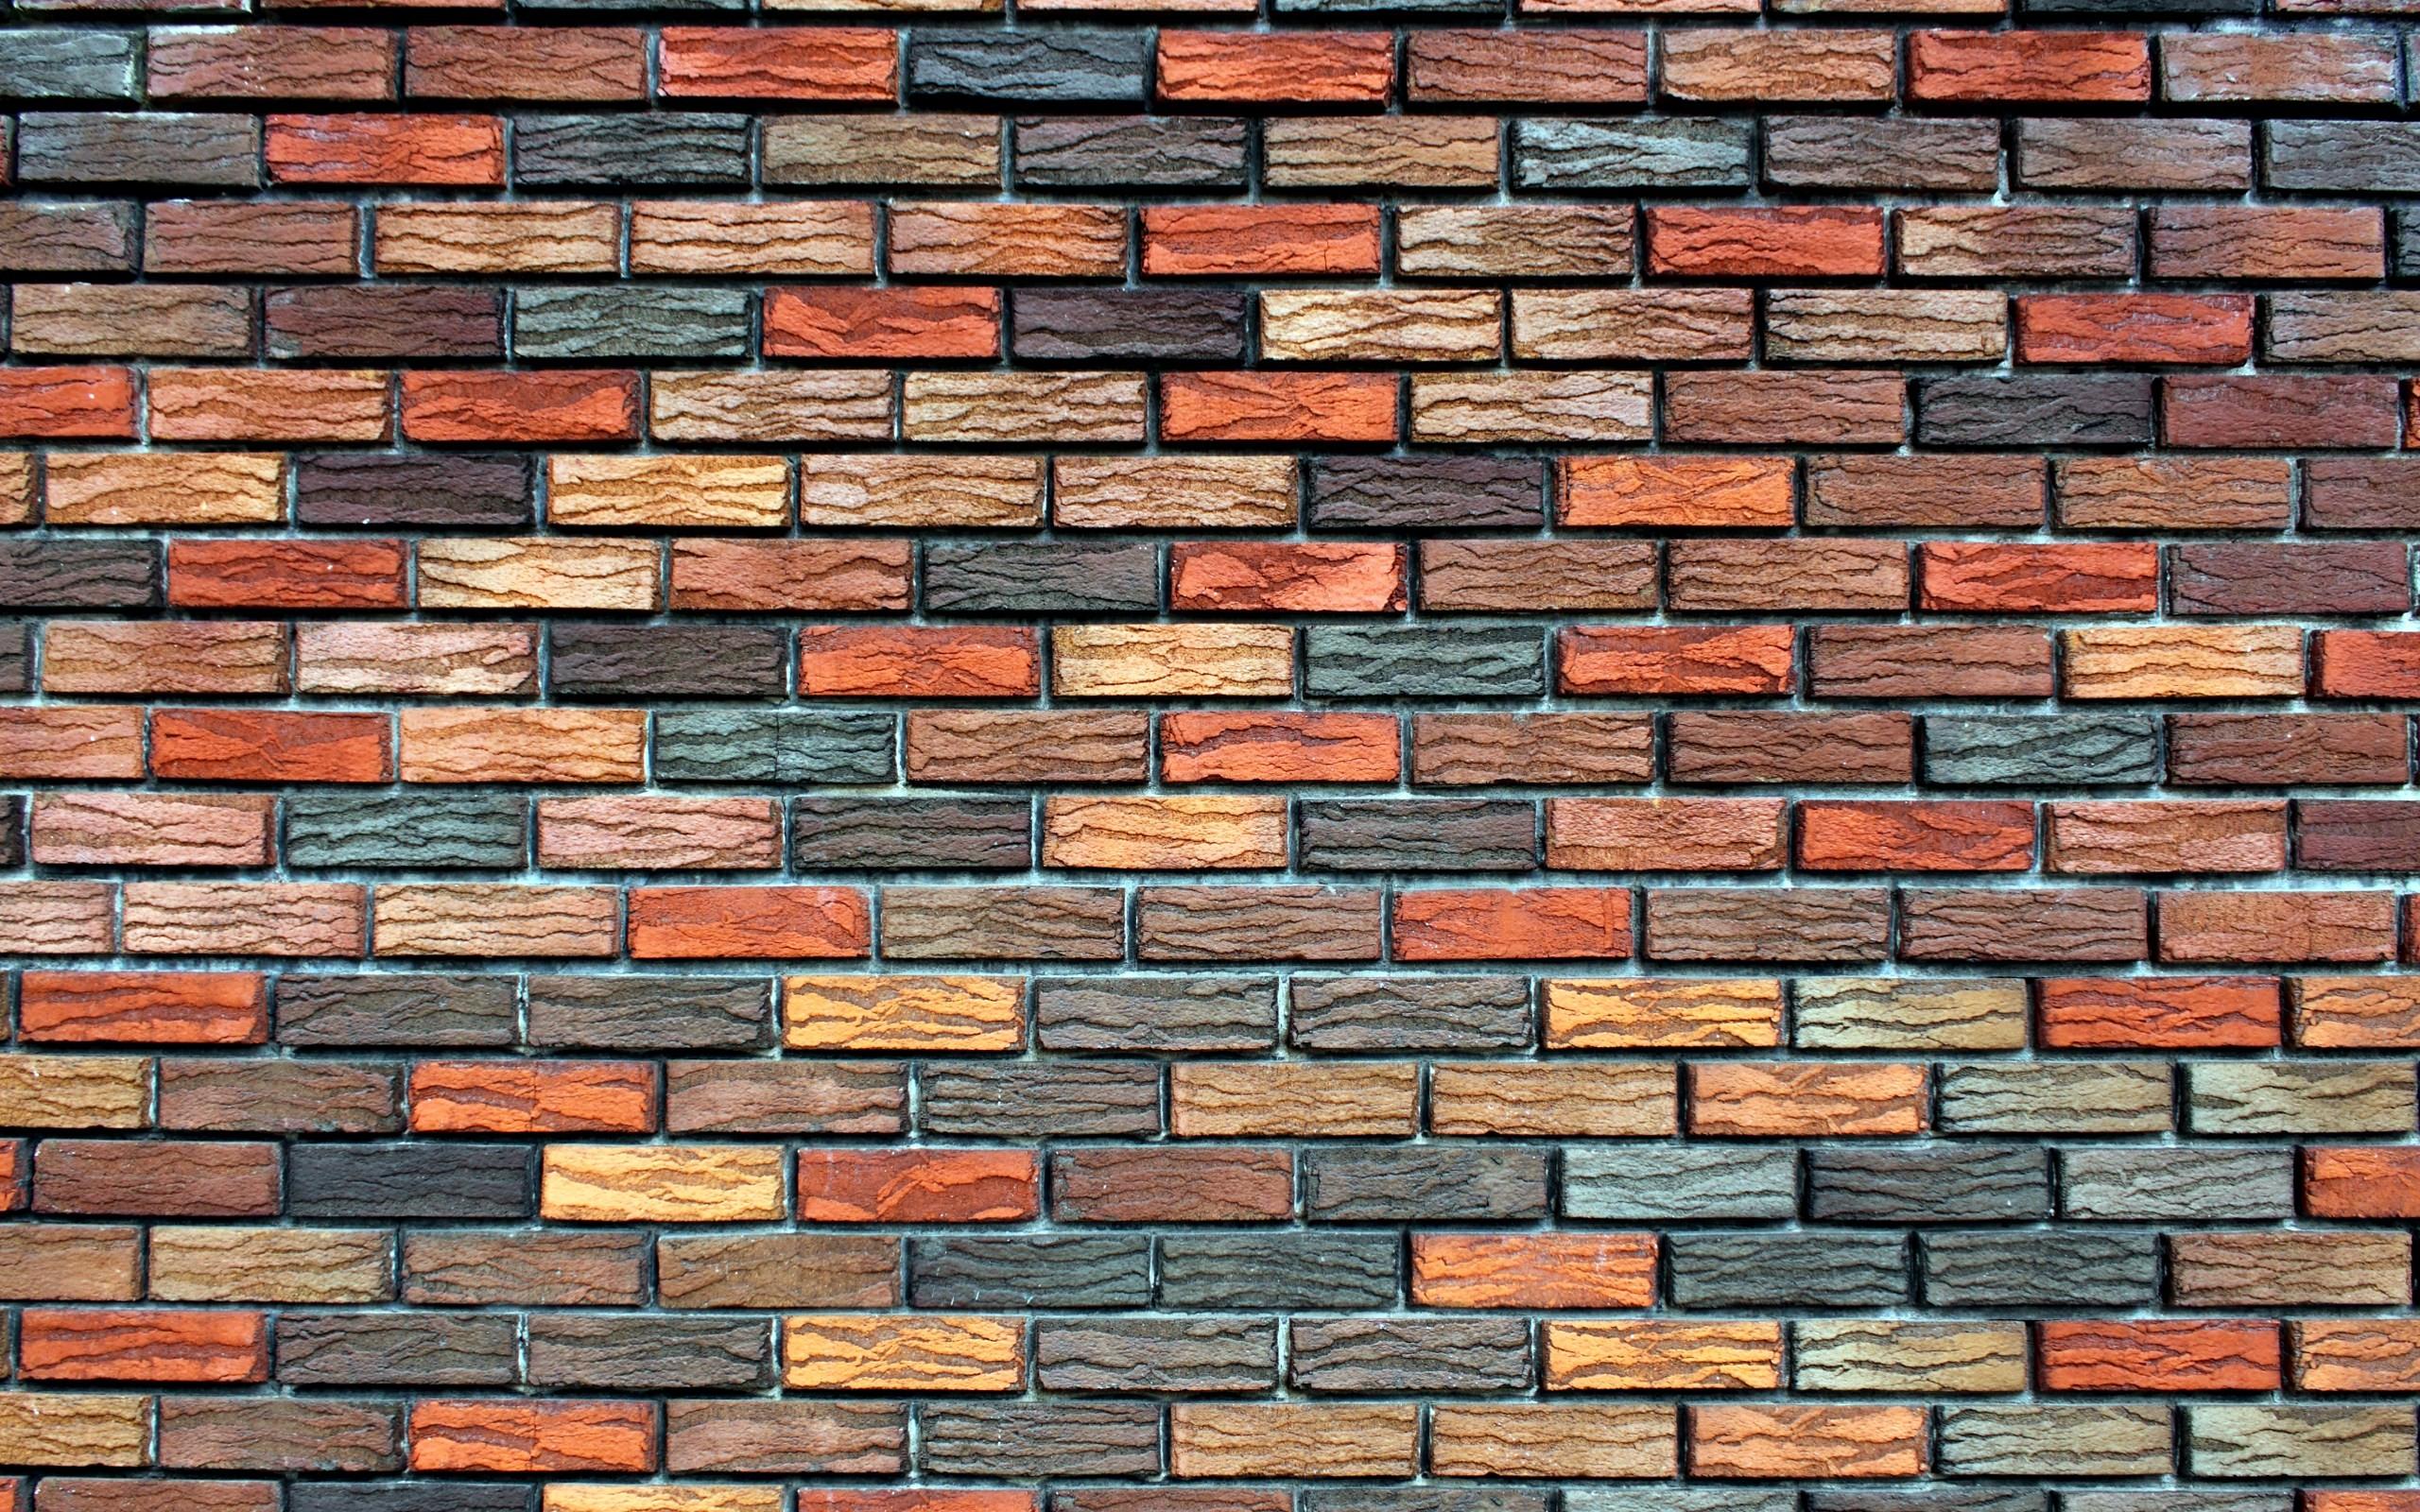 Textura de ladrillos de colores - 2560x1600